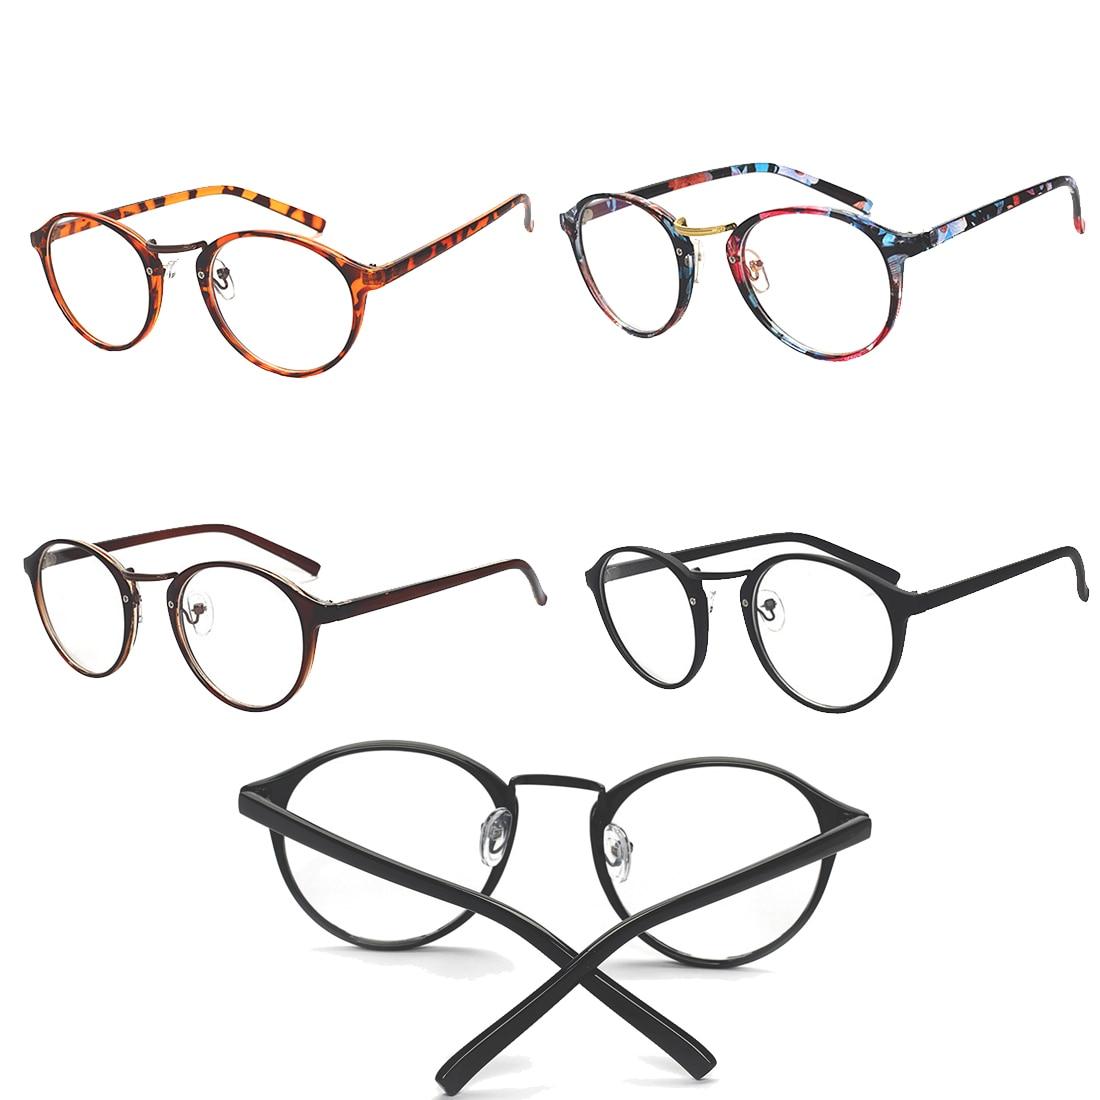 Angemessen Mode Harajuku Mädchen Runde Rahmen Plain Spiegel Brillen Mode Student Klar Brillen Rahmen Frauen Optische Brillen StraßEnpreis